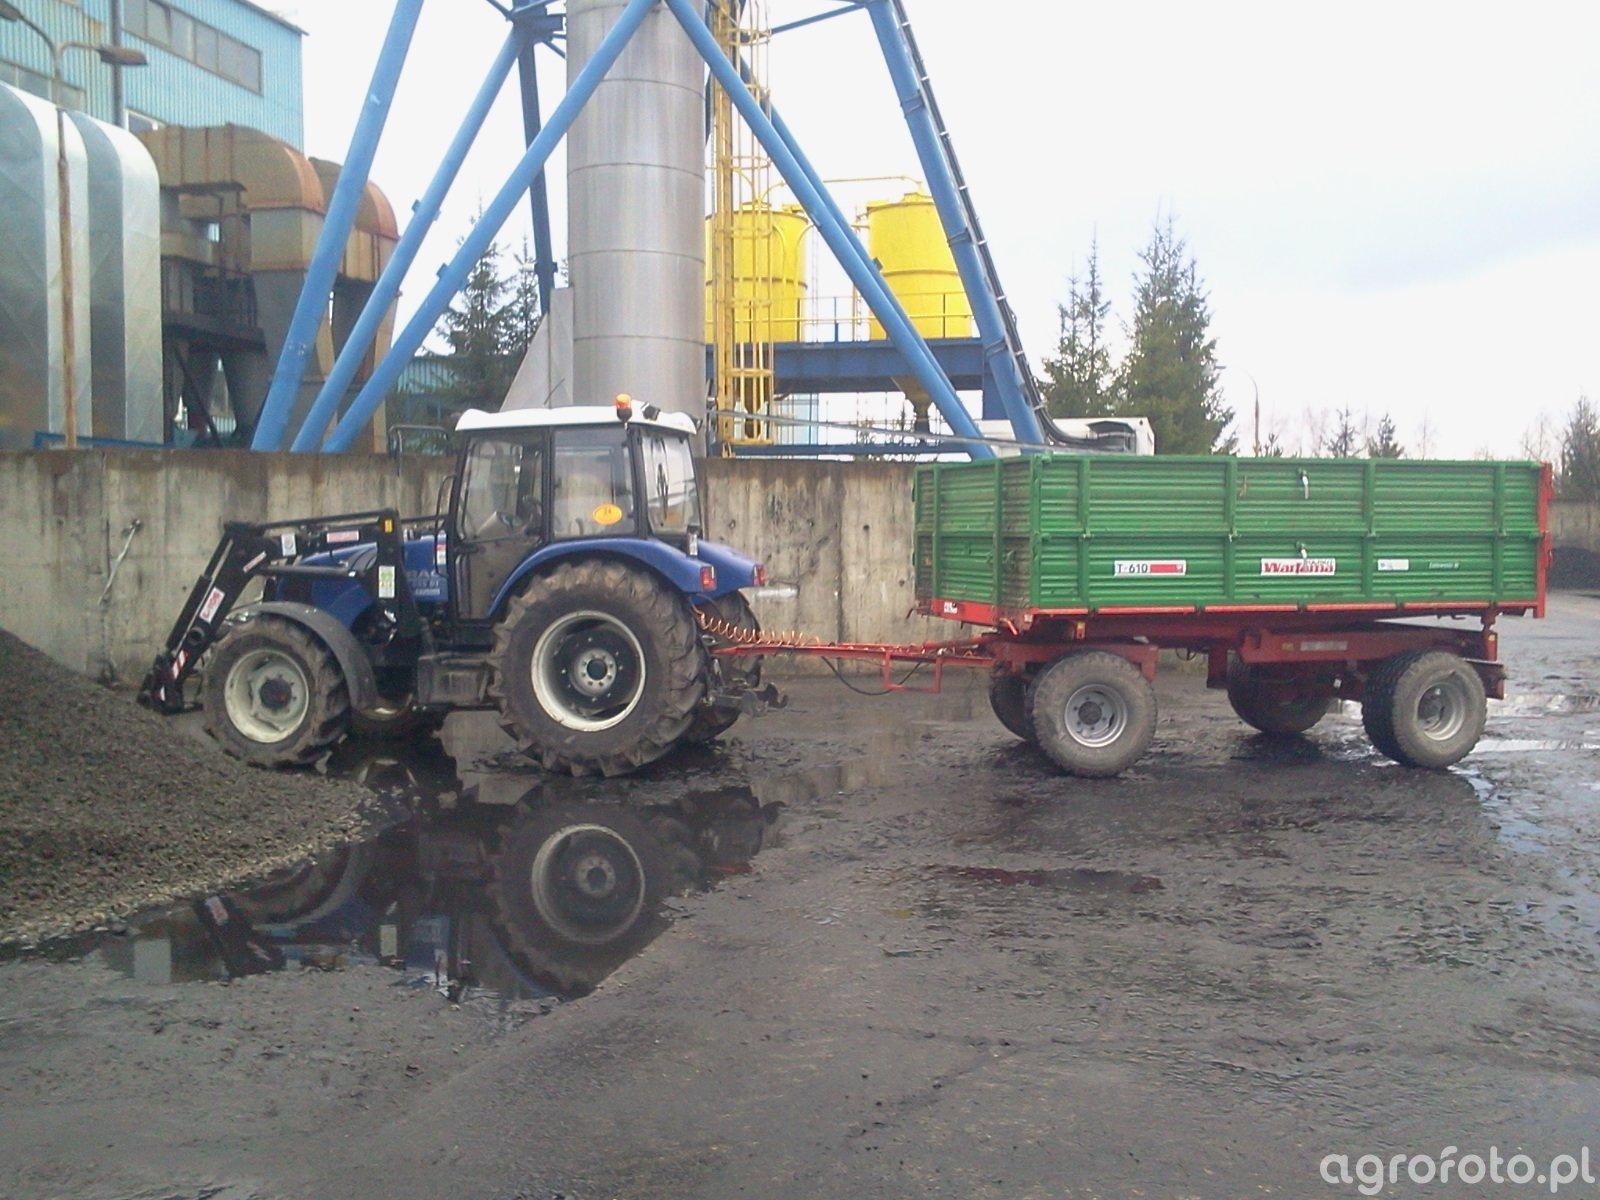 Farmtrac 685 DT + Warfama 6 t